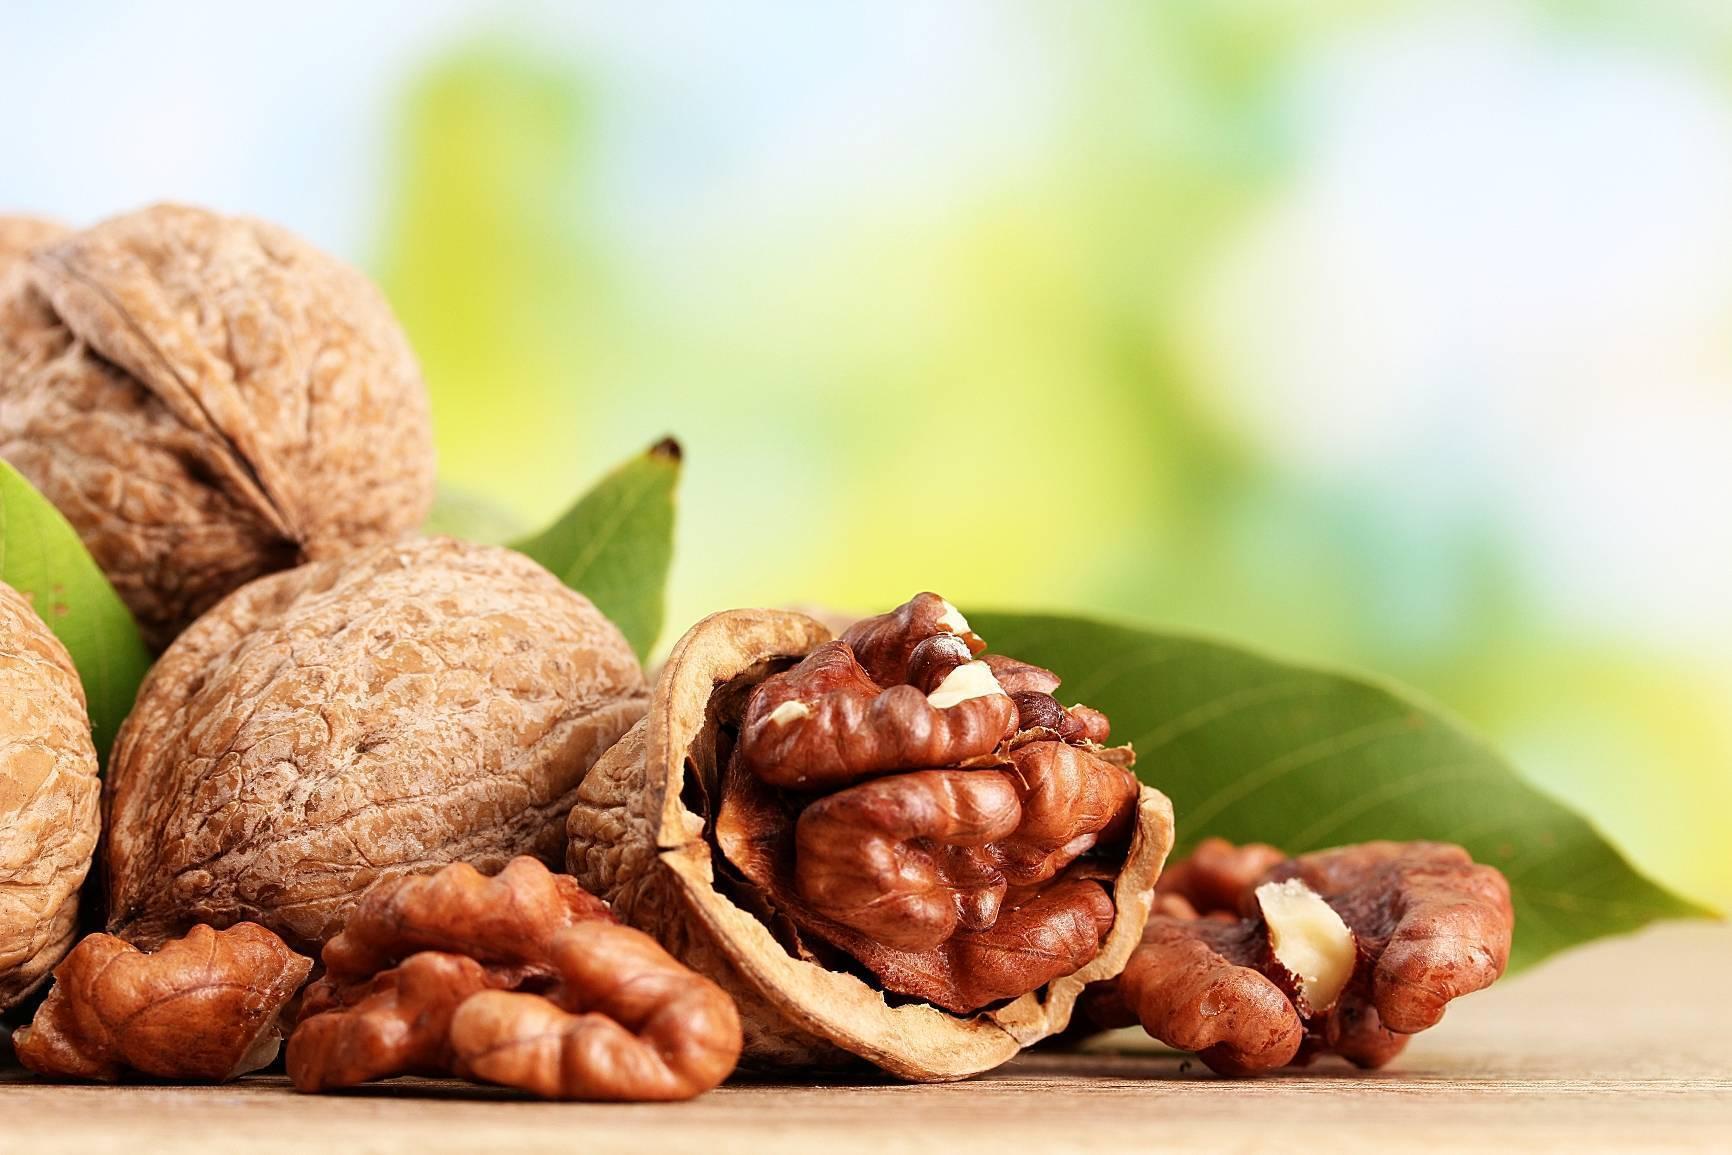 Грецкие орехи при грудном вскармливании кормящей маме (польза или вред)